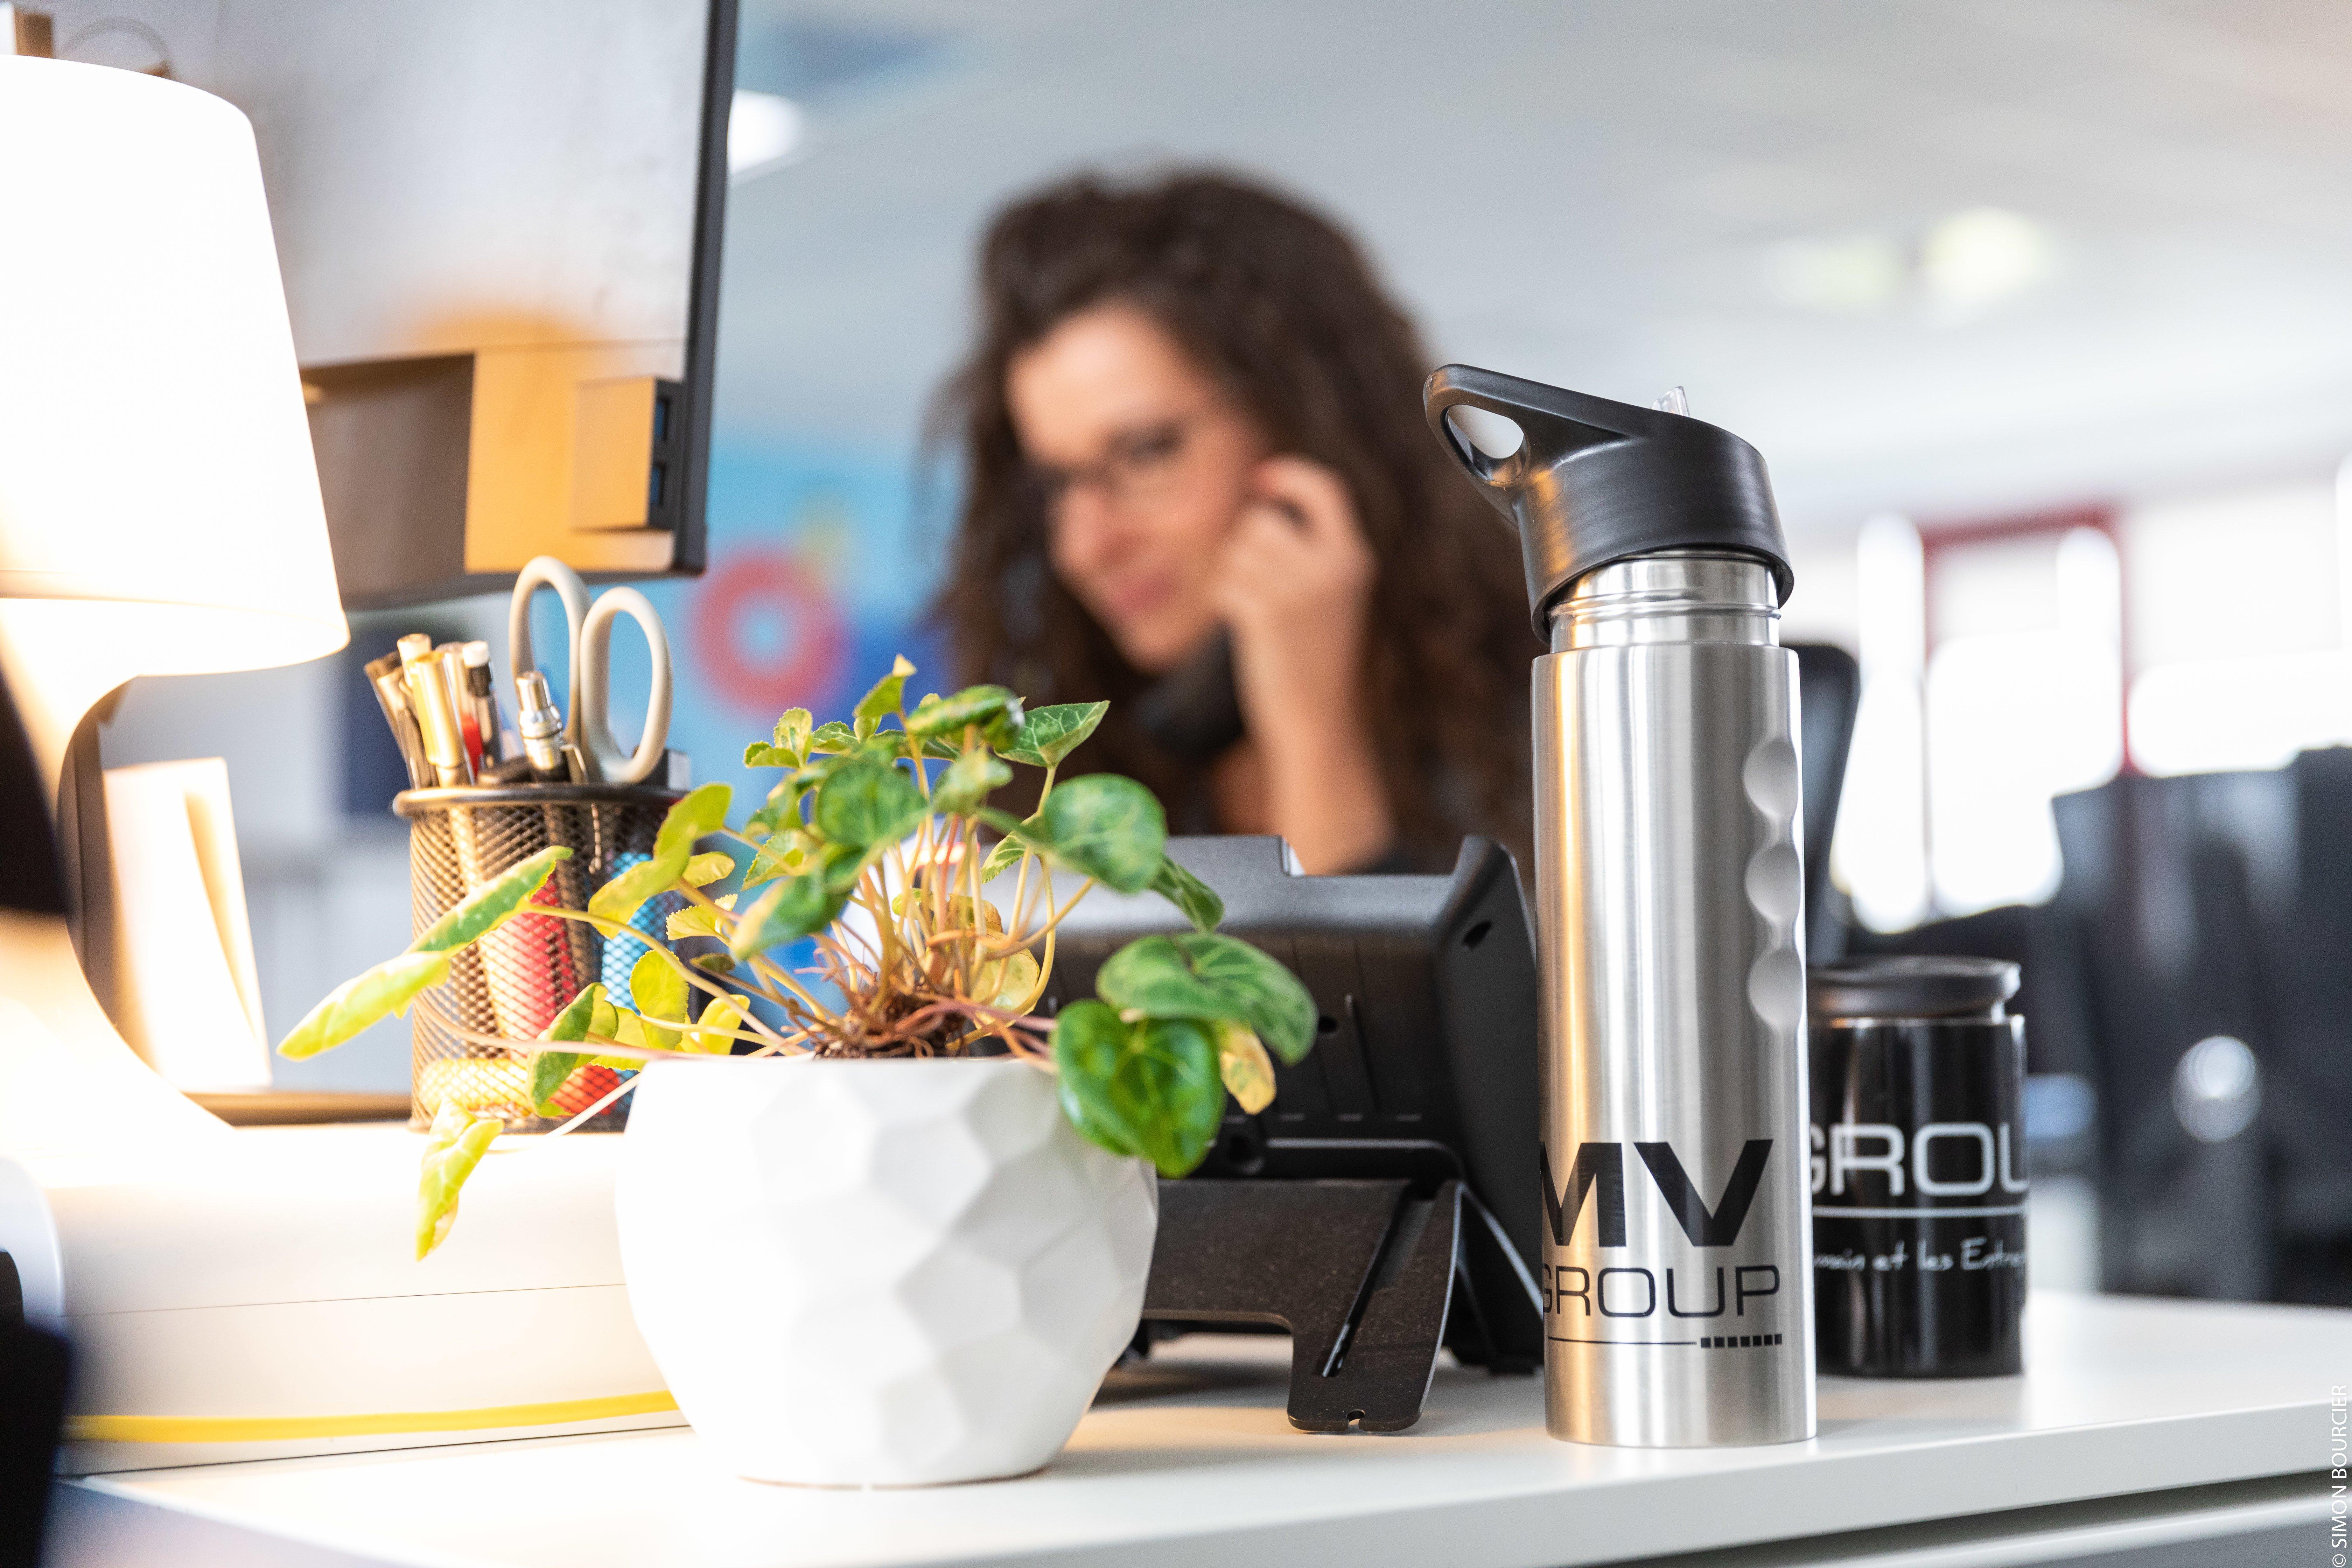 Premier plan : plante en pot et deux mugs MV Group - Second plan : collaboratrice MV Group au téléphone